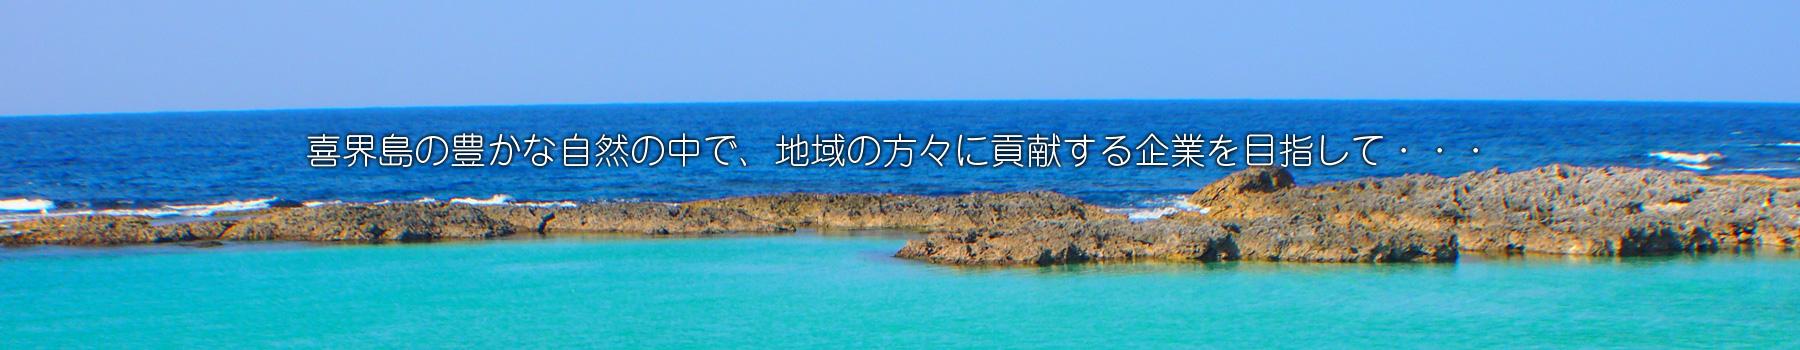 喜界島の豊かな自然の中で、地域の方々に貢献する企業を目指して